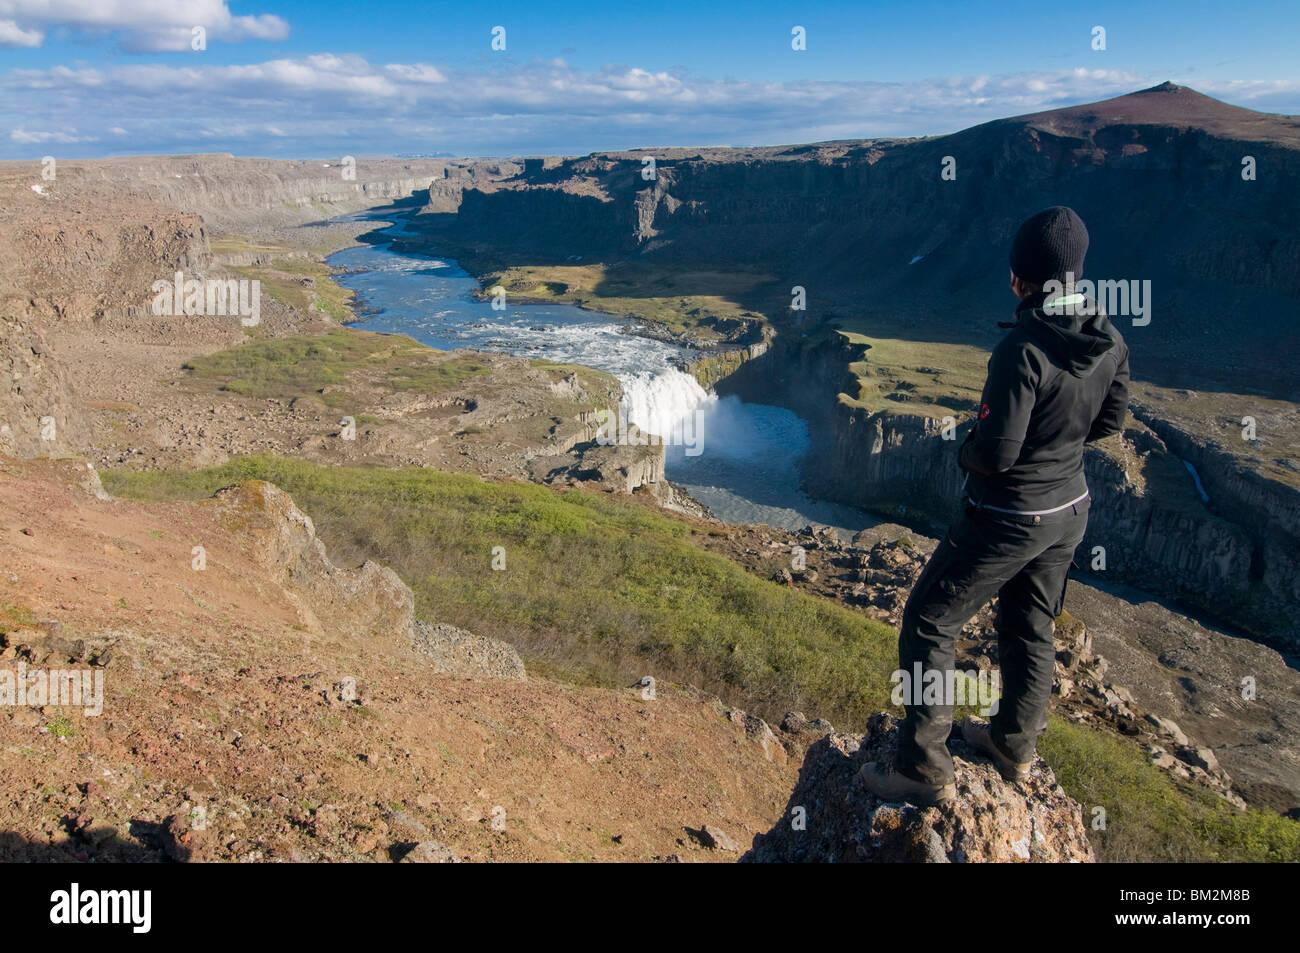 Fille admirant le paysage spectaculaire du parc national de Jokulsarglijufur, Islande, régions polaires Photo Stock